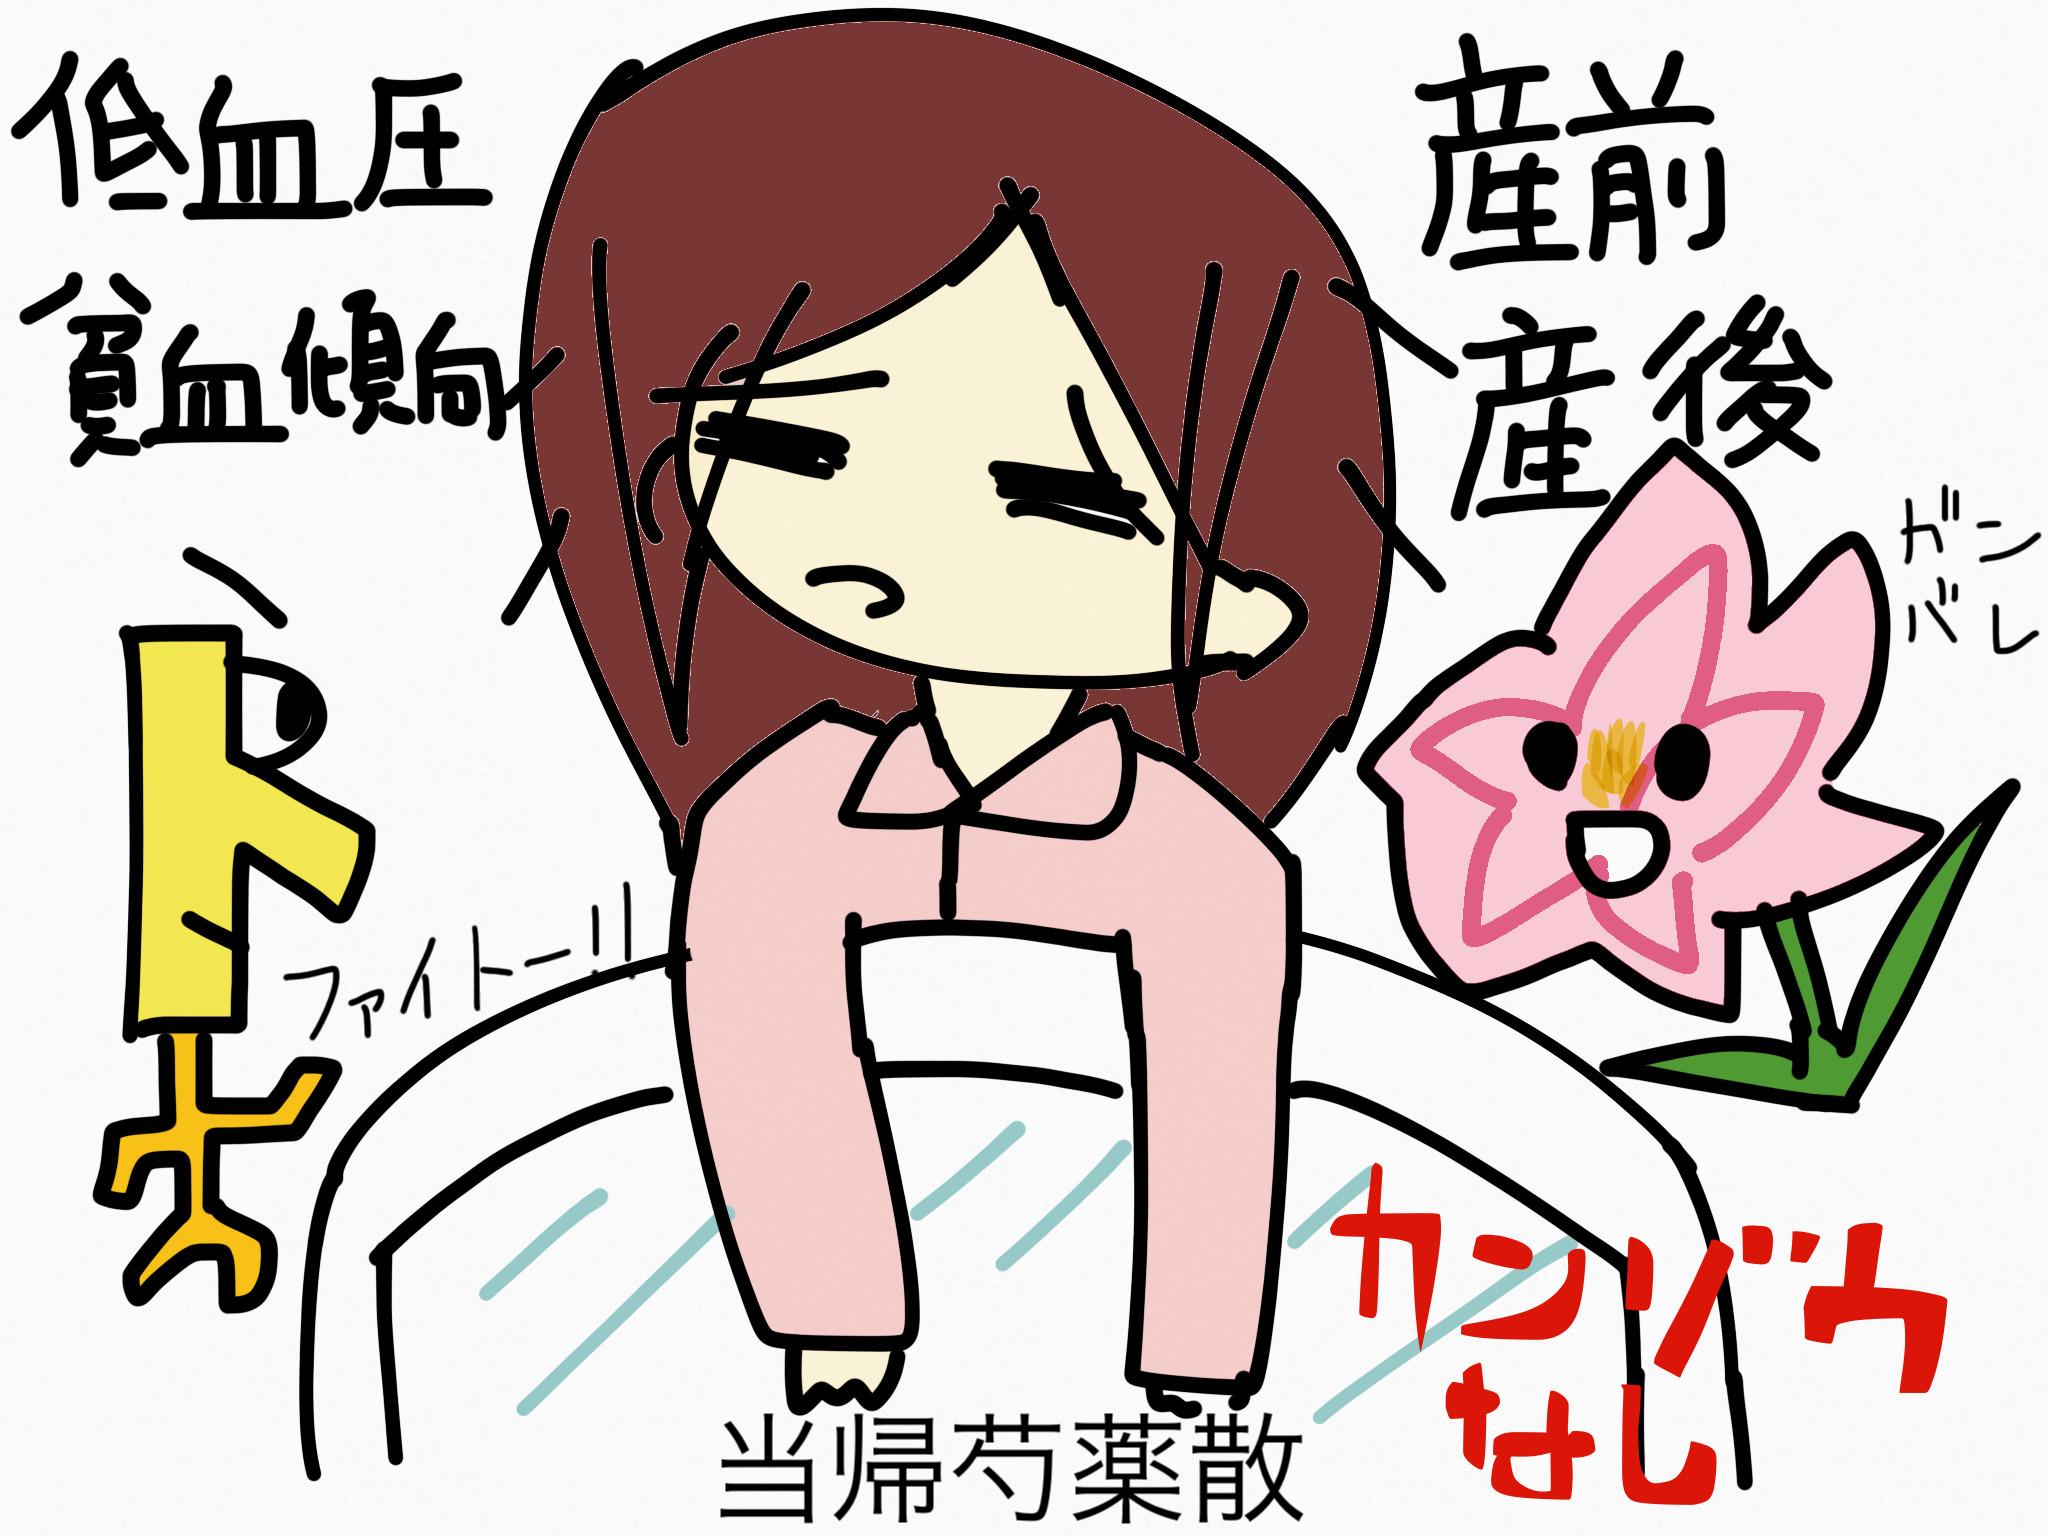 当帰芍薬散(とうきしゃくやくさん)[月経に伴う症状]【漢方の覚え方】